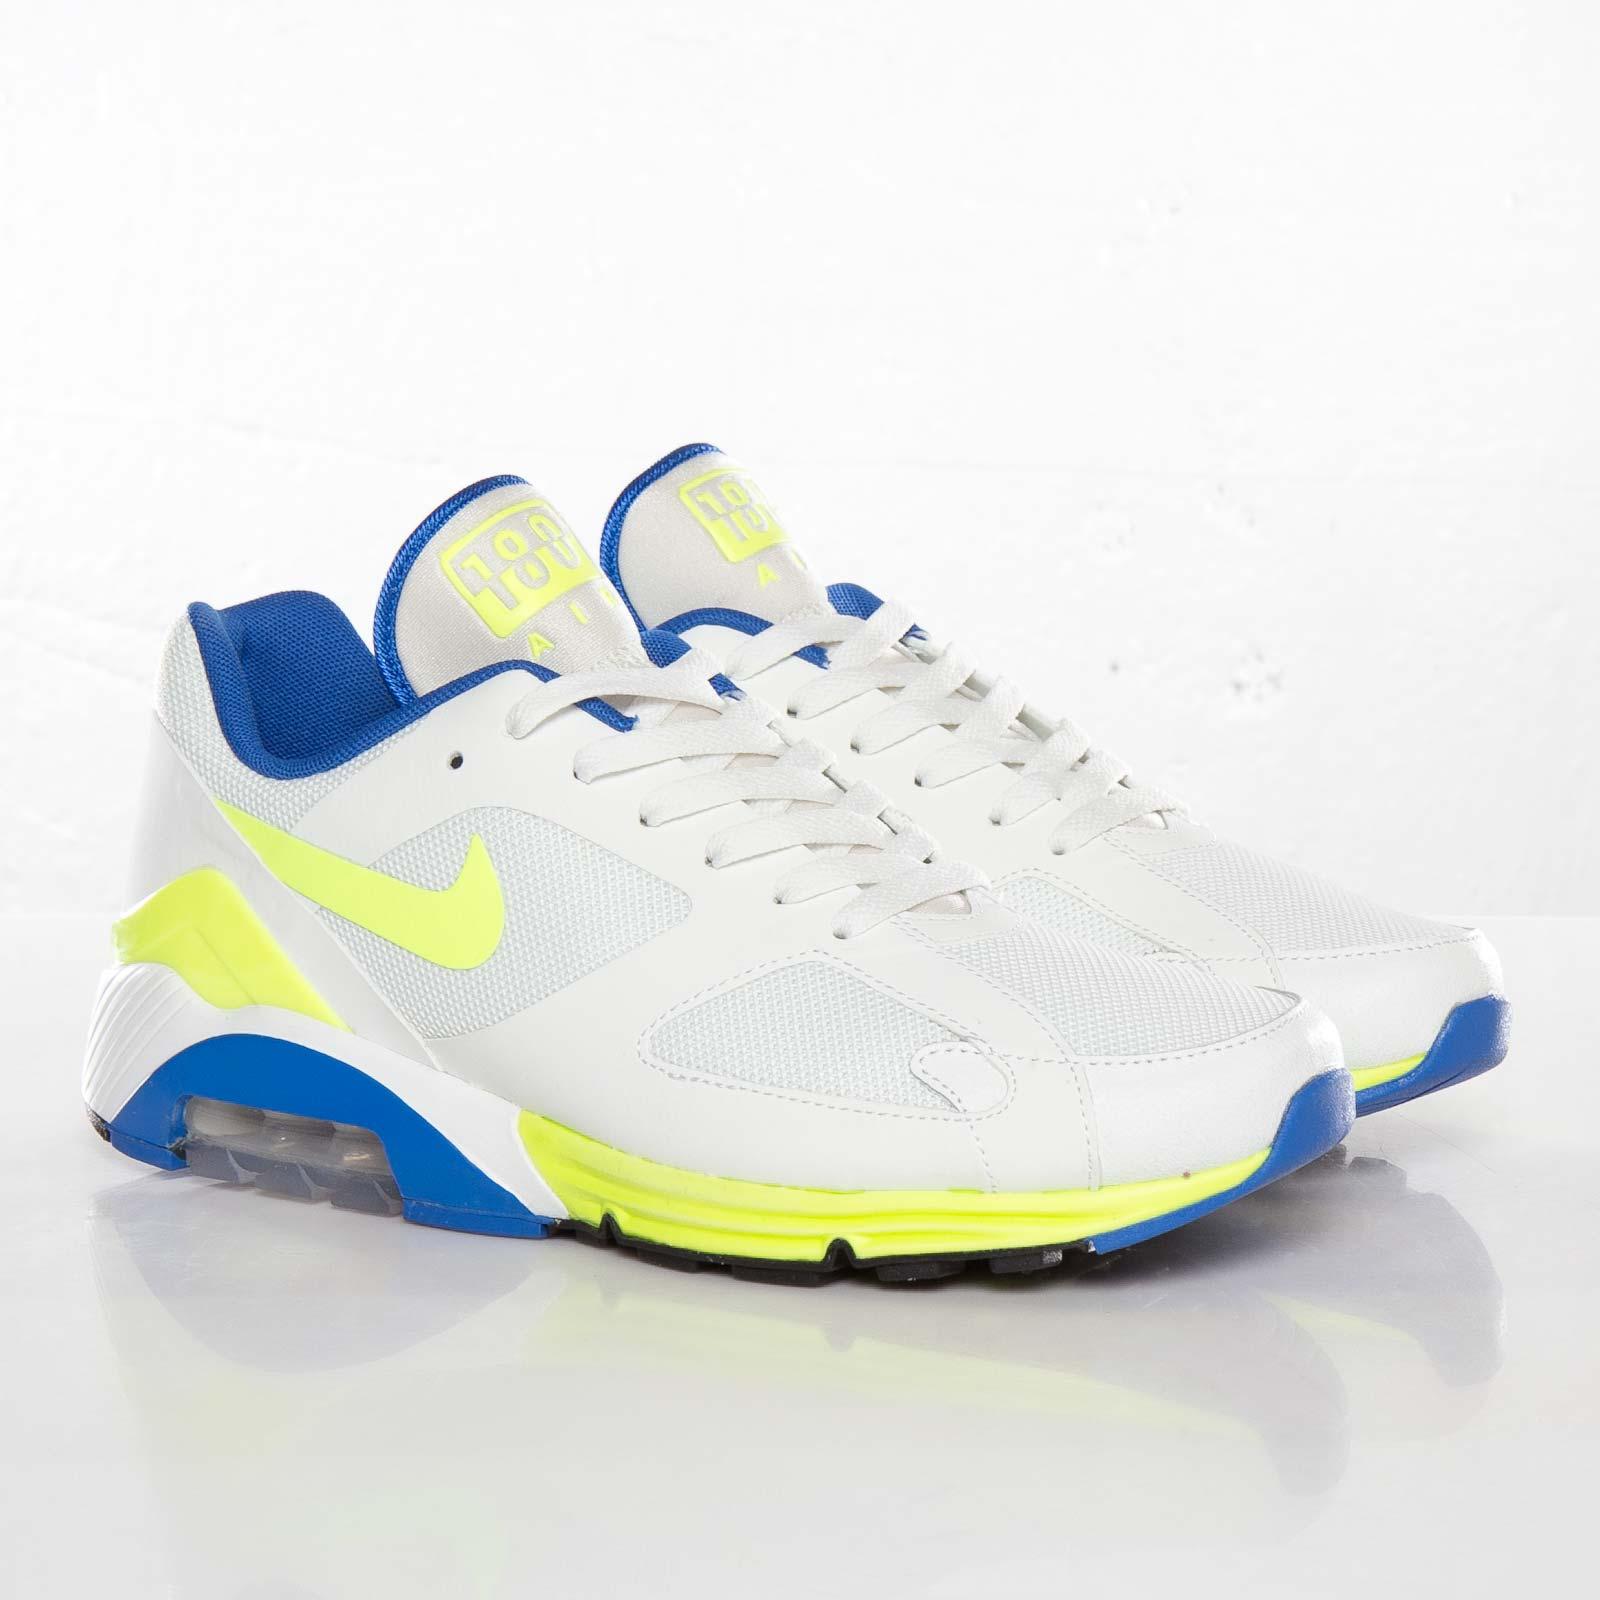 sports shoes 03df5 10d9c Nike Air Max Terra 180 QS